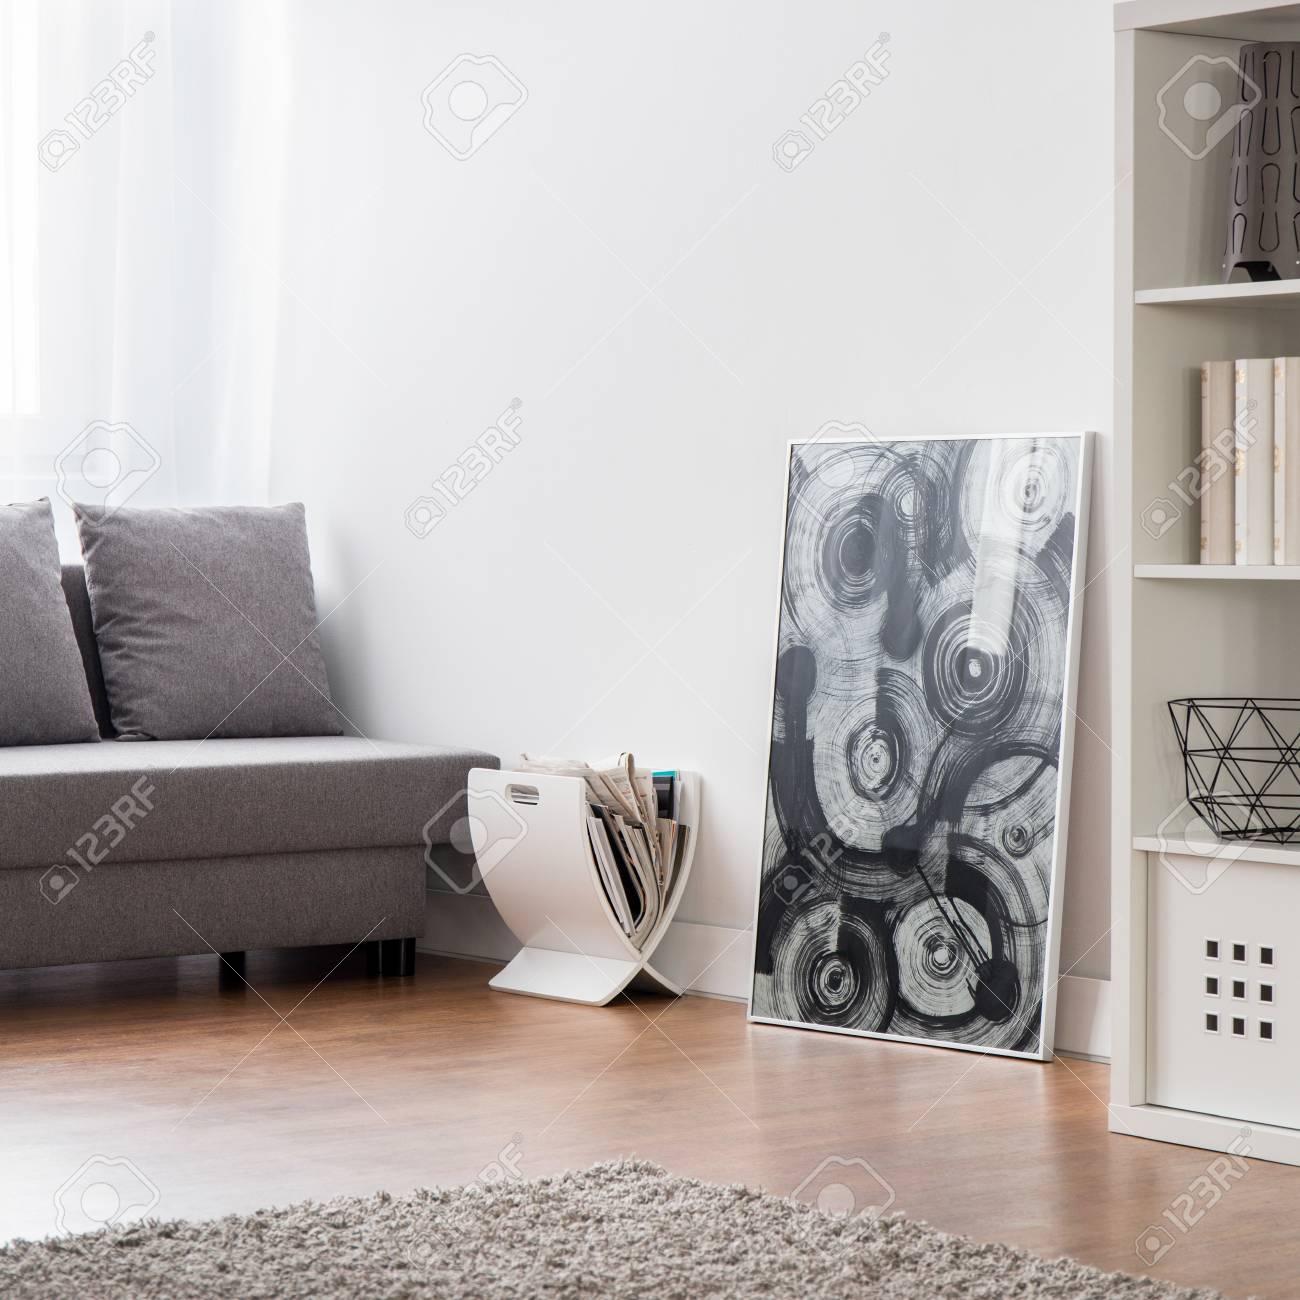 Elegant Moderne Bodenbeläge Galerie Von Zimmer Mit Teppichboden, Bodenbeläge, Sofa, Bücherregal Und